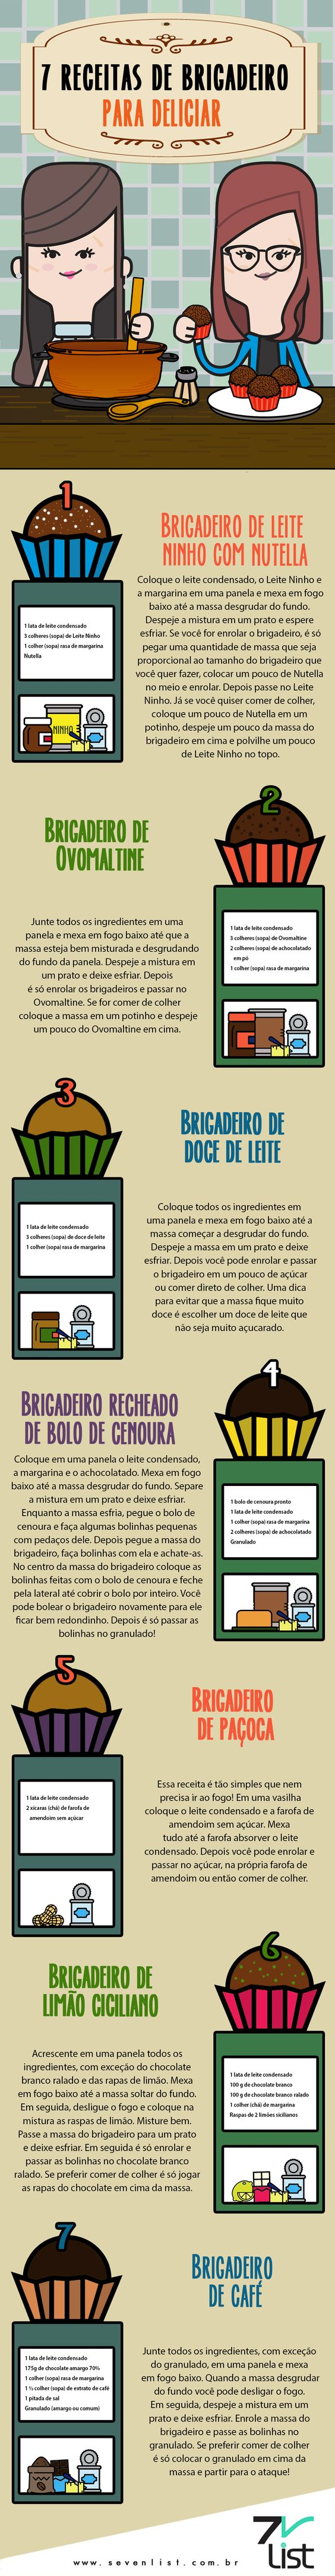 Você é fã de brigadeiro ou simplesmente adora degustar essa gostosura? Então a lista de hoje do Seven List é especial para você! Nós separamos 7 receitas de brigadeiro para deliciar. #Sevenlist #Illustration #Ilustração #Design #Desenho #List #Lista #Brigadeiro #Doces #Docebrasileiro #Candy #Receitas #Ovomaltine #Doce #Leiteninho #Nutella #Brigadeiro #Bolodecenoura #Paçoca #Limãosiciliano #Café: